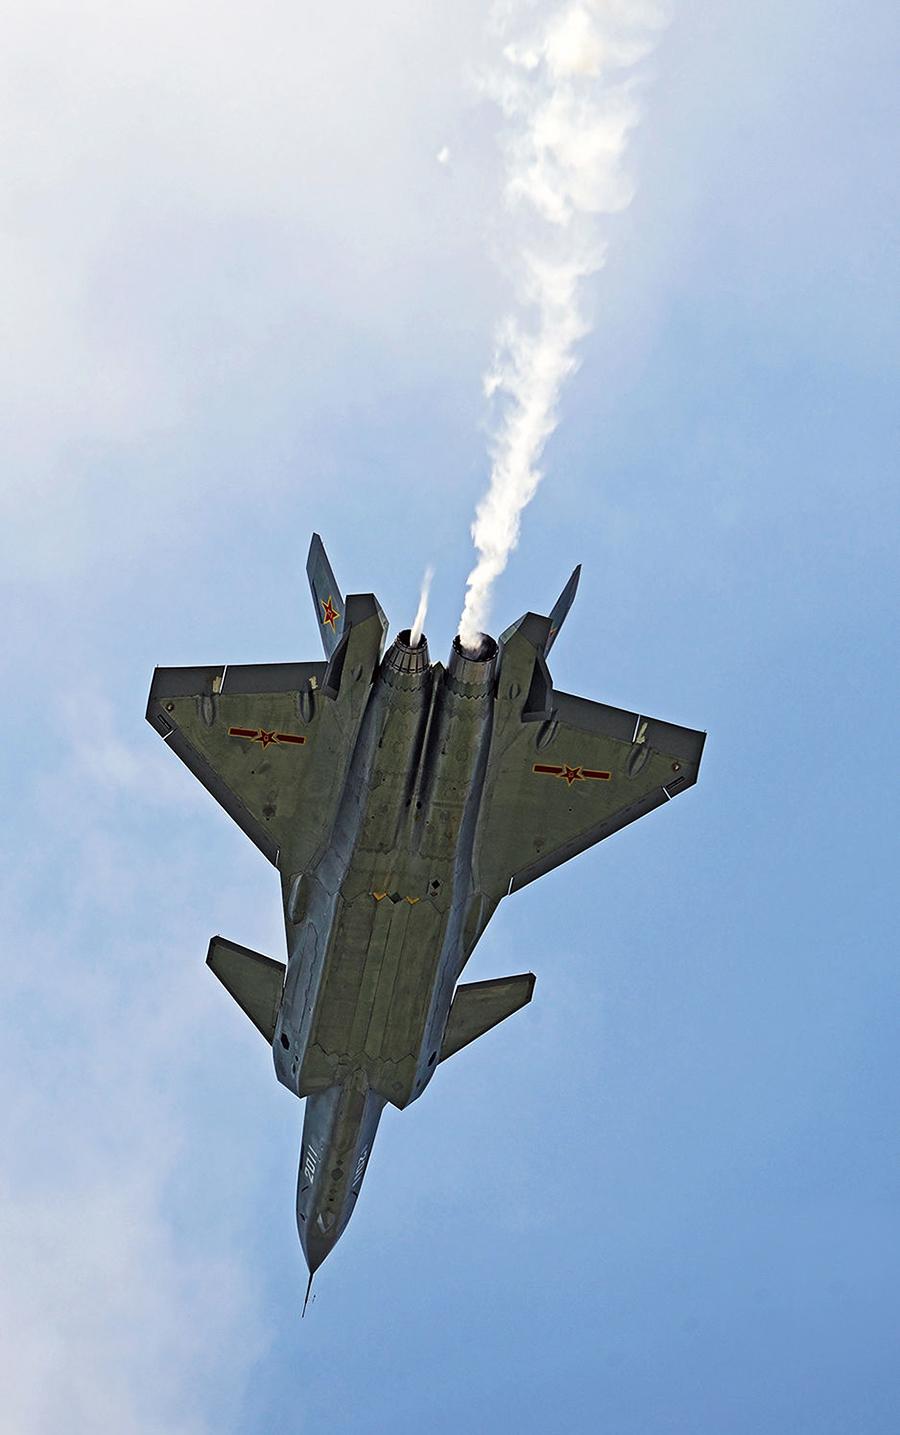 中国战斗机发展史上的一次里程碑 歼20量产了